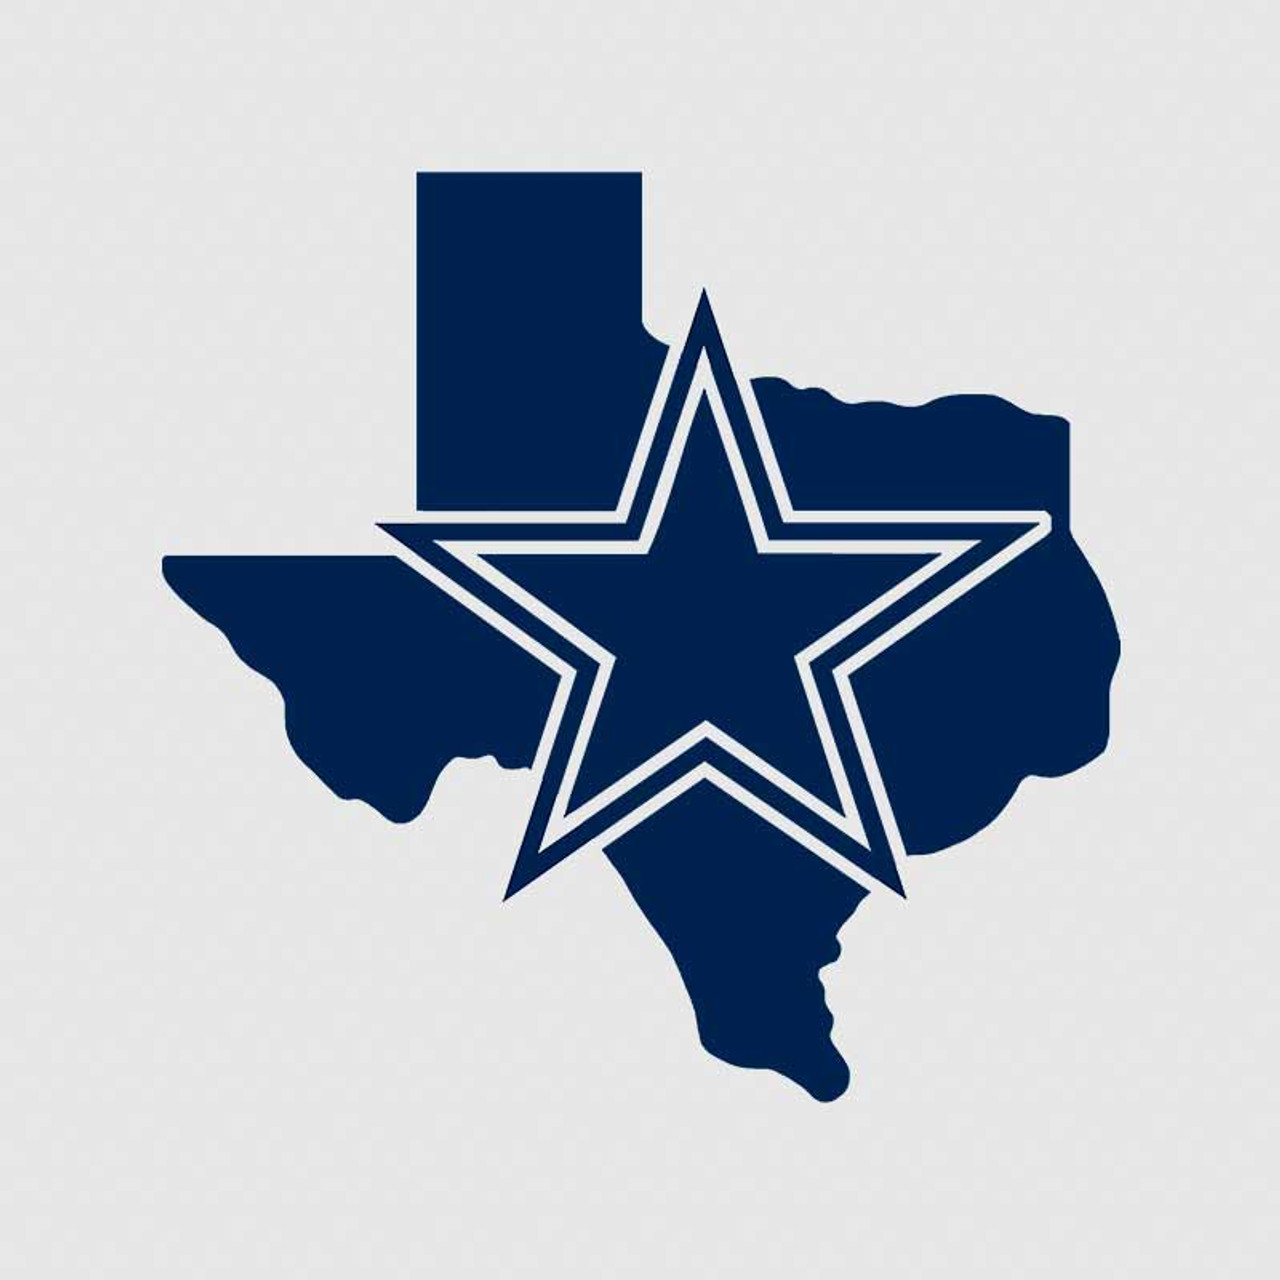 Texas Cowboys Football Yeti Rambler Vinyl Decal